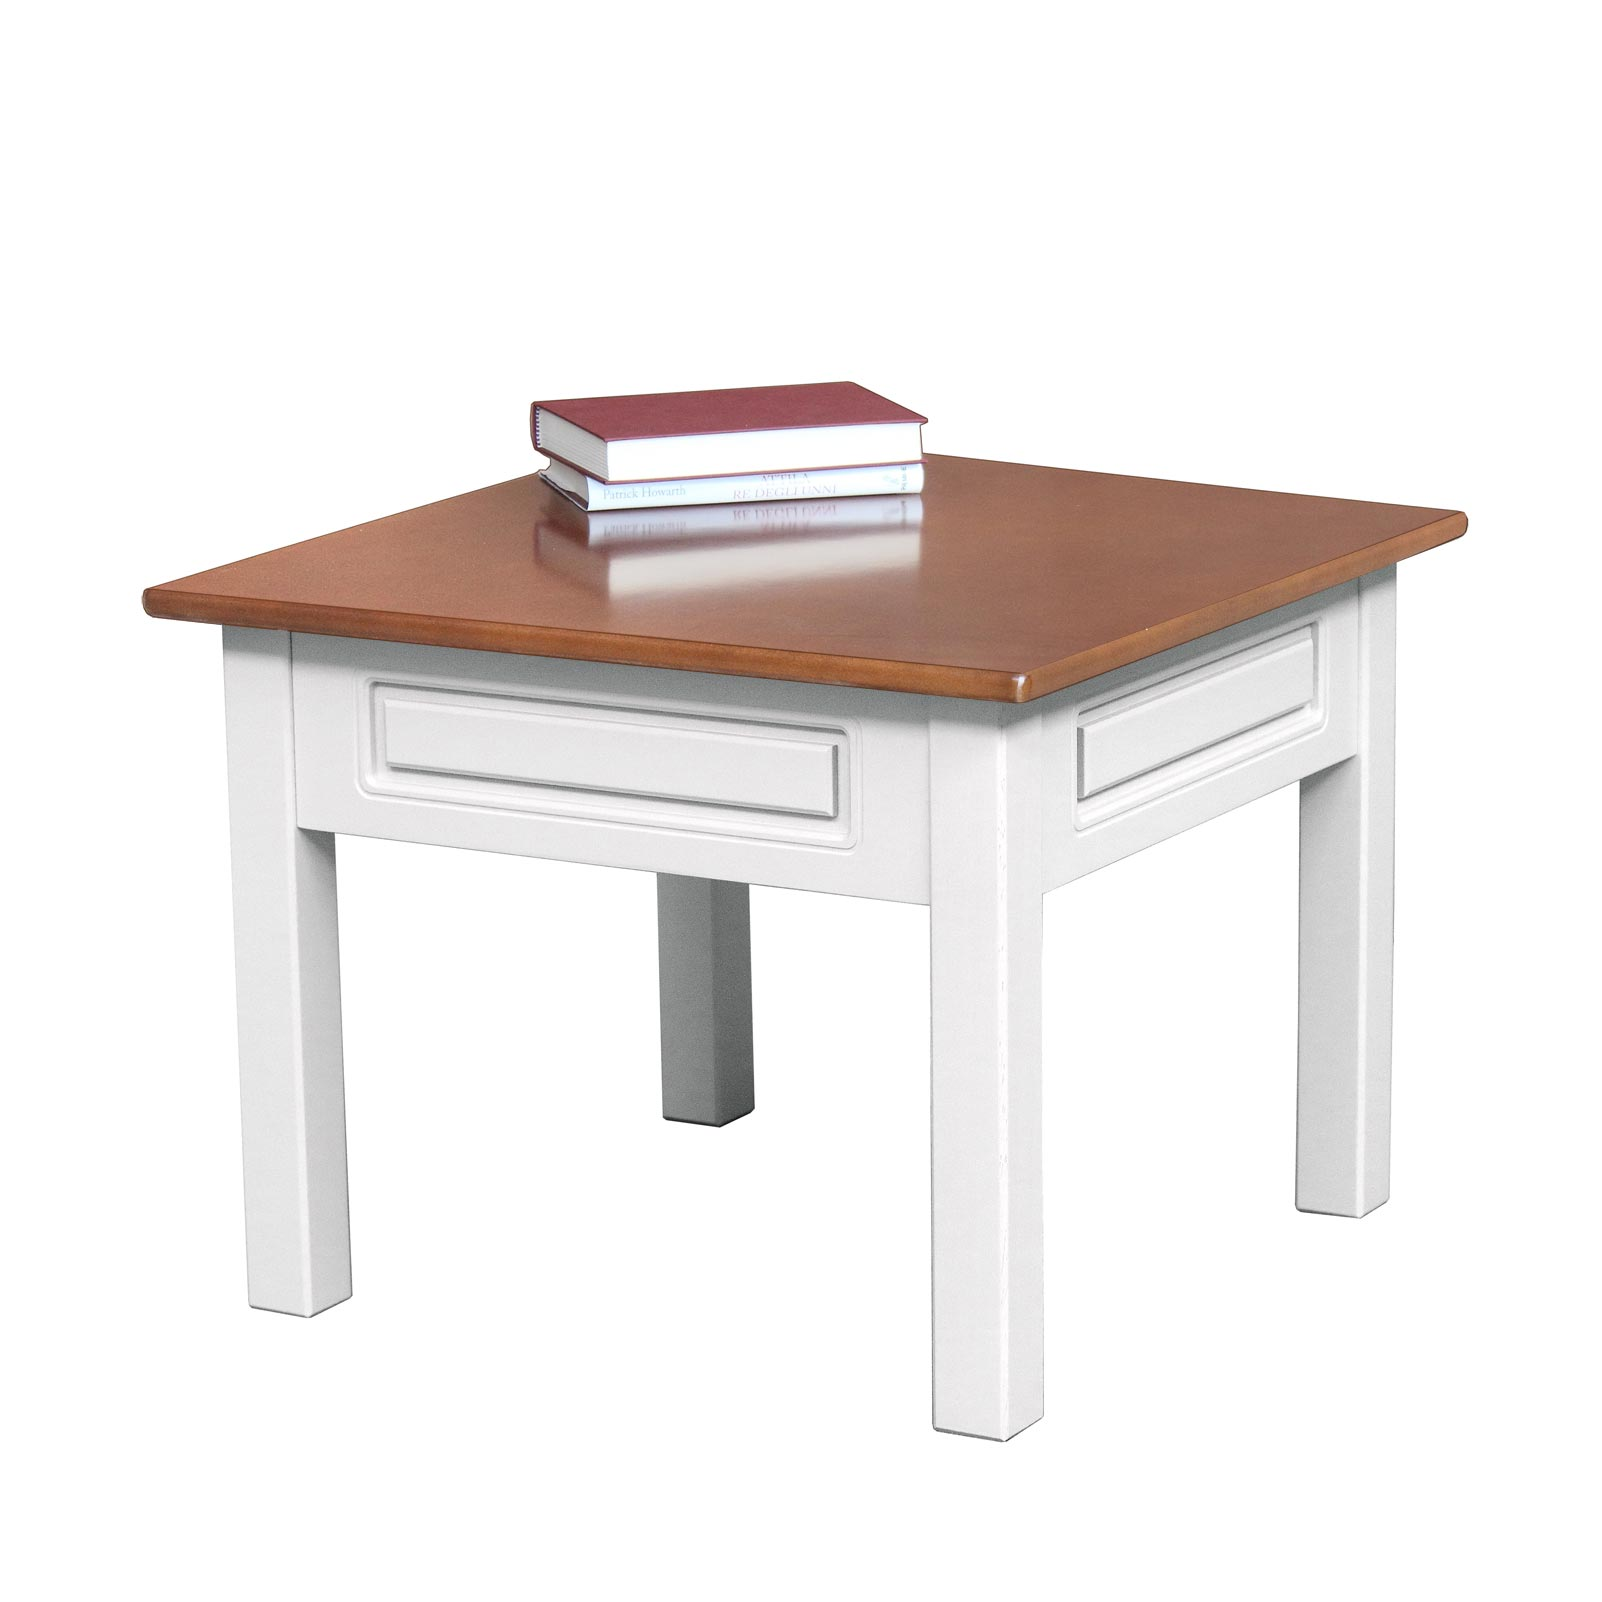 Table basse de salon carrée bicolore 61x61 cm